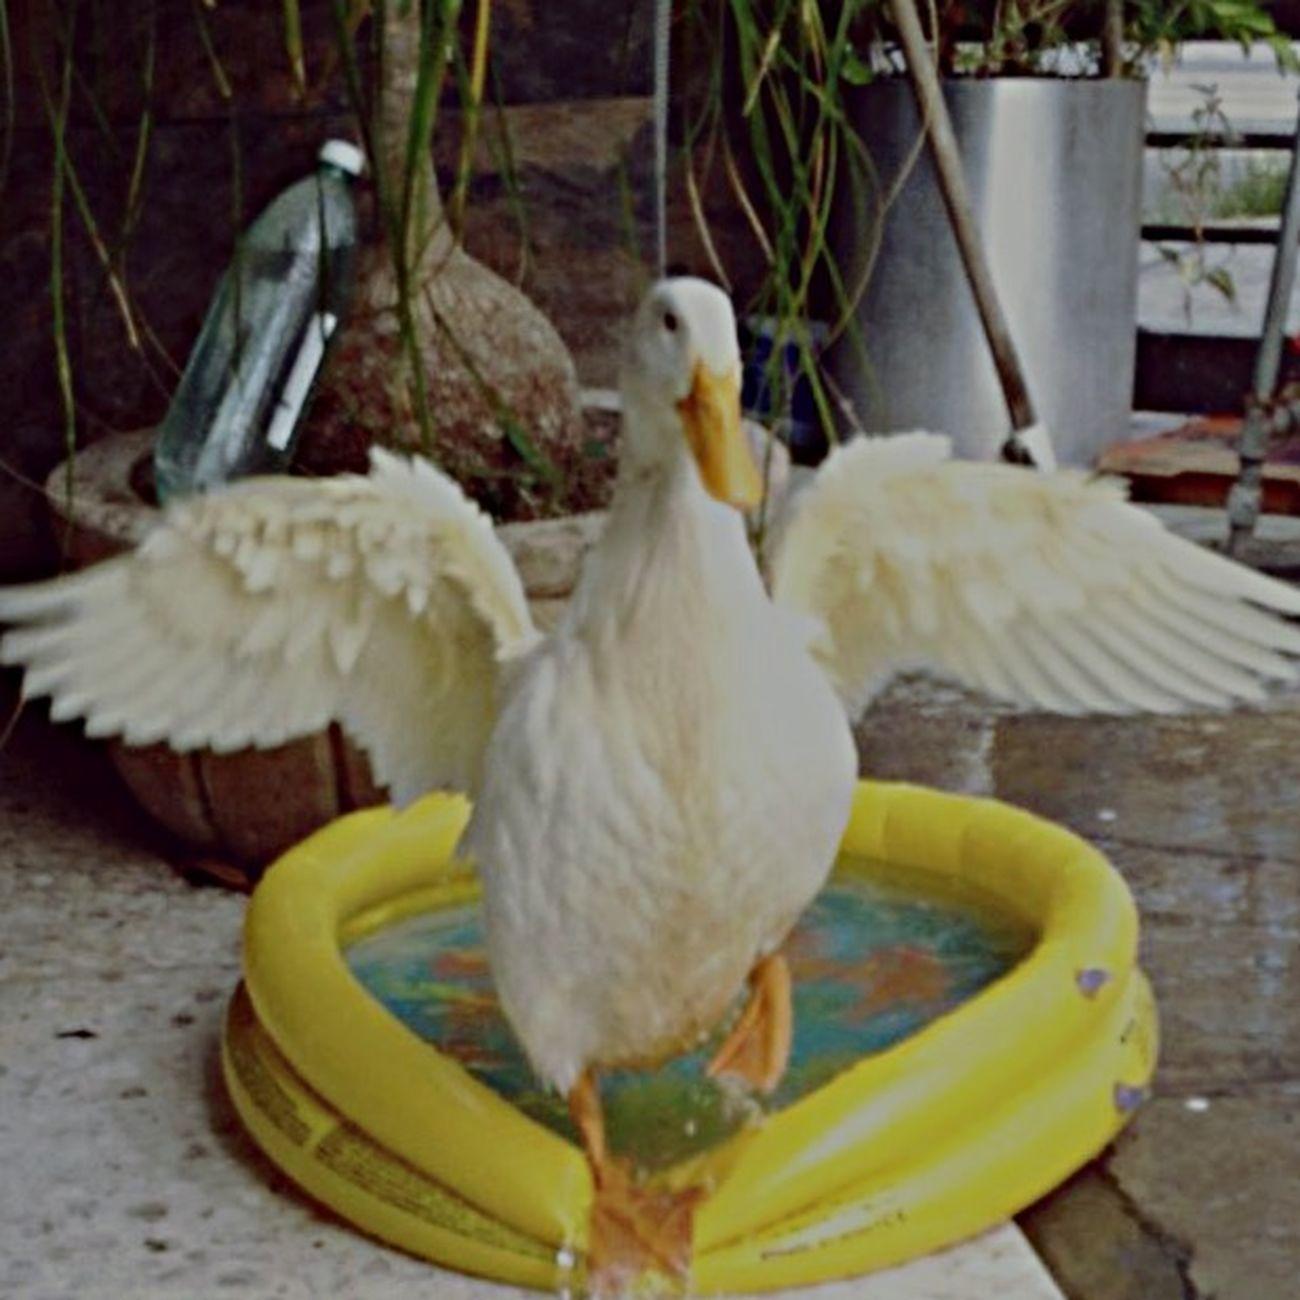 Small And Swift Monterrey, México Pato Pato Pato Pato Cuak Mimascota Amoamimascota